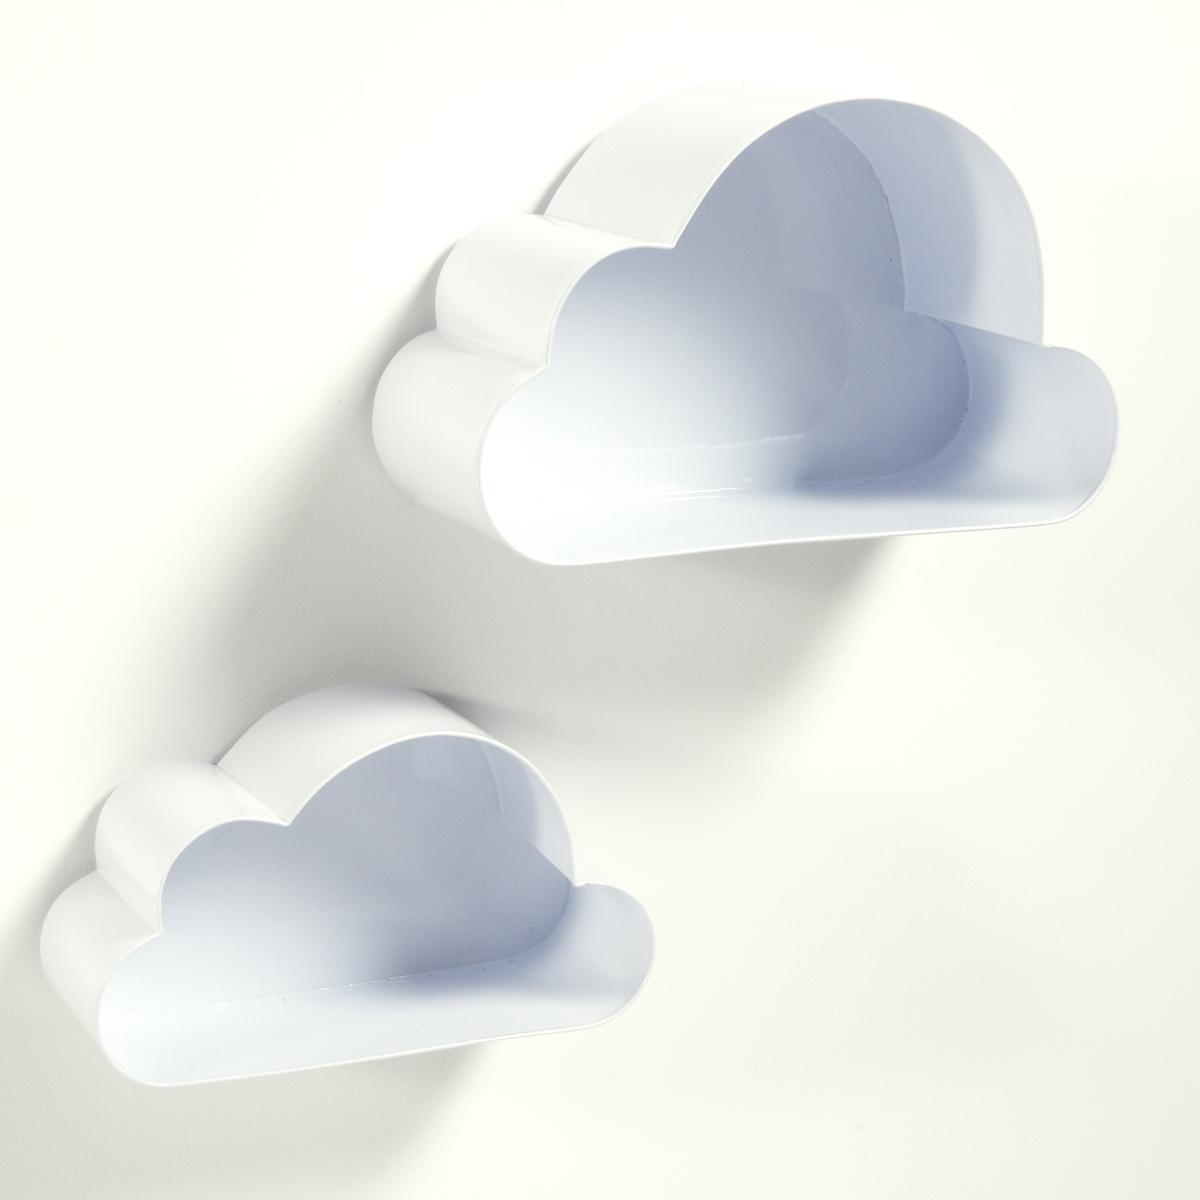 2 полки настенные в форме облака, Spacielle2 полки настенные в форме облака Spacielle . Летайте в облаках, оставаясь на земле, с настенными полками Spacielle, поэтичными и одновременно практичными  . Характеристики 2 полок настенных в форме облака  Spacielle  :Металлический корпус с эпоксидным покрытием.Планки для крепления на стену .- Шурупы и дюбеля продаются отдельно.Размеры 2 полок настенных Spacielle  :Модель 1 : 31 x 17,5 x 12 см Модель 2 : 38 x 23,5 x 17 см<br><br>Цвет: белый<br>Размер: единый размер